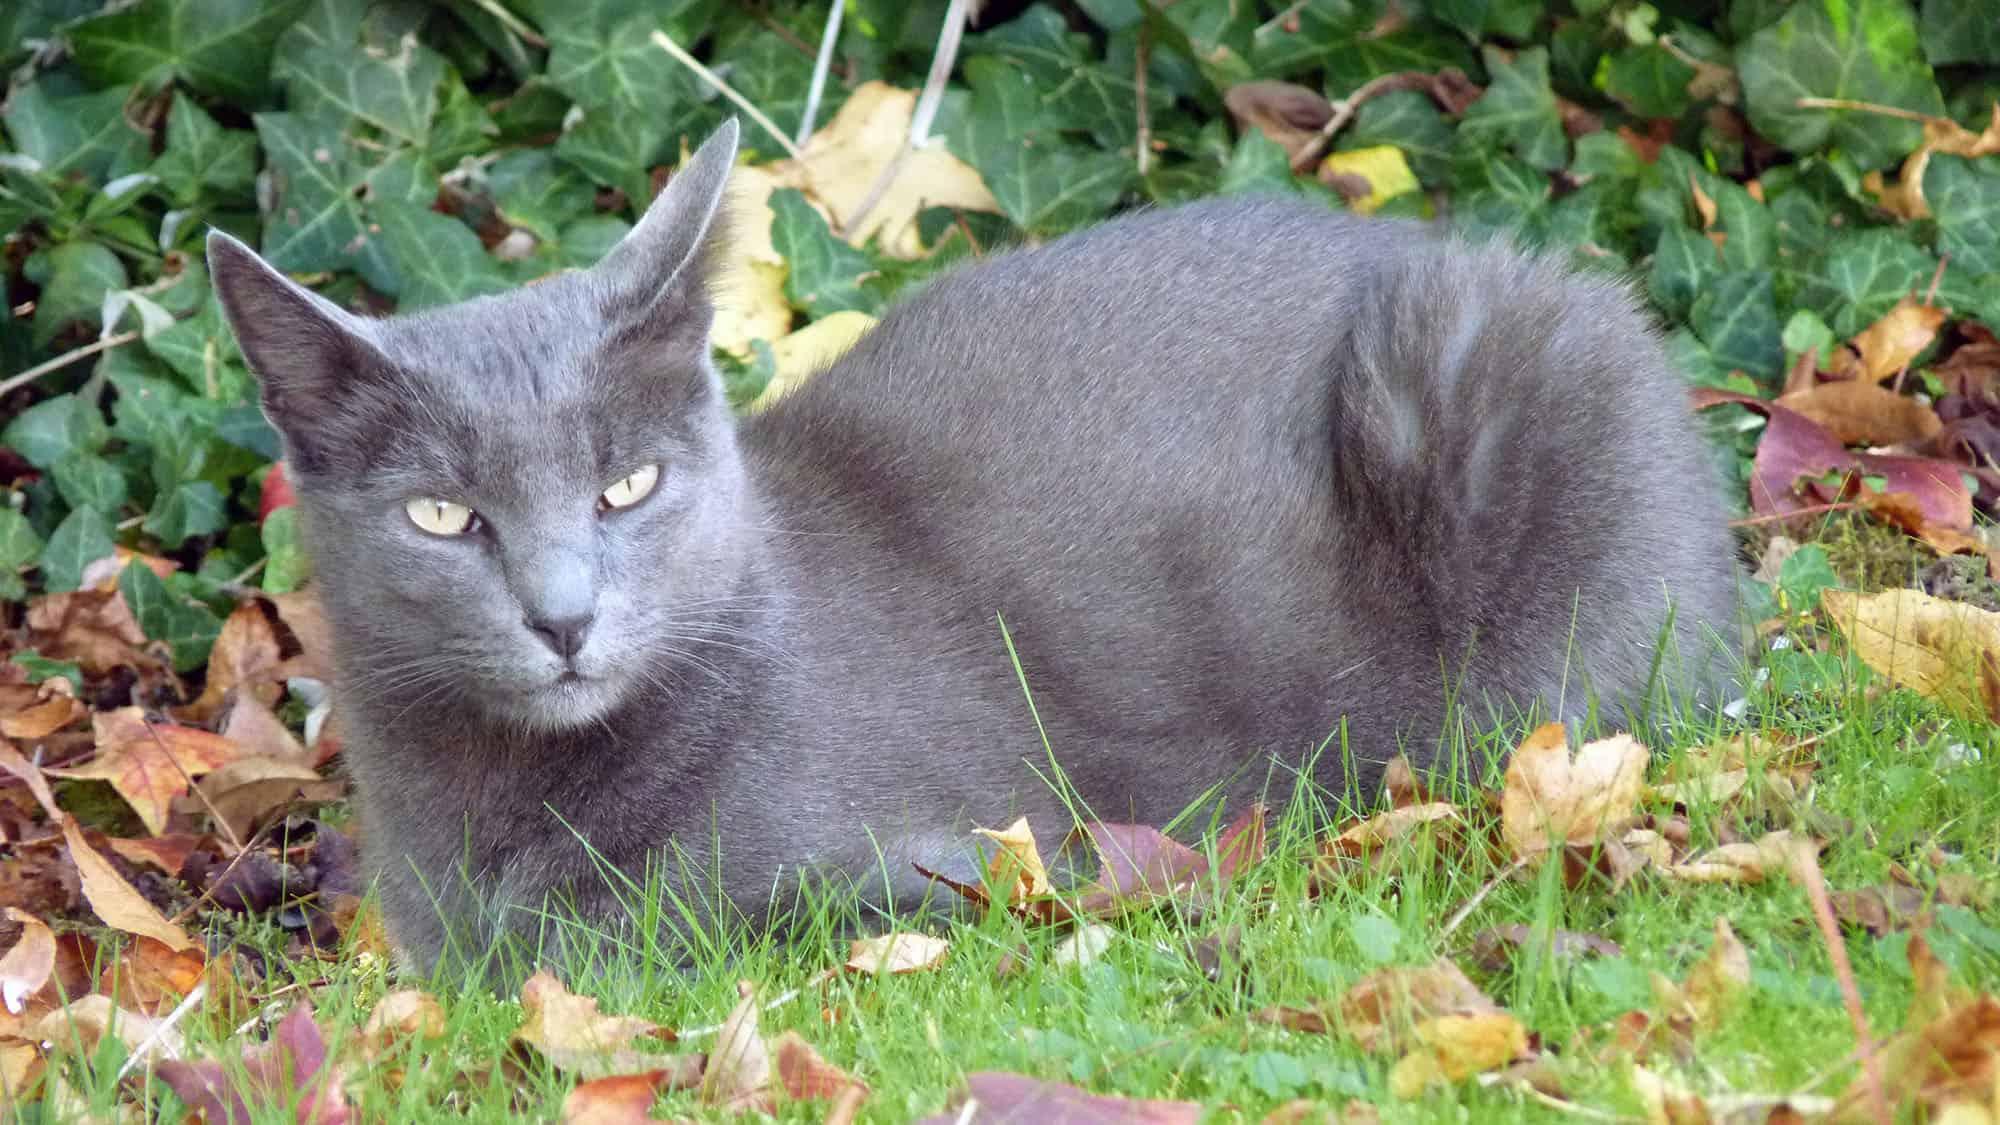 Korat cat - 1